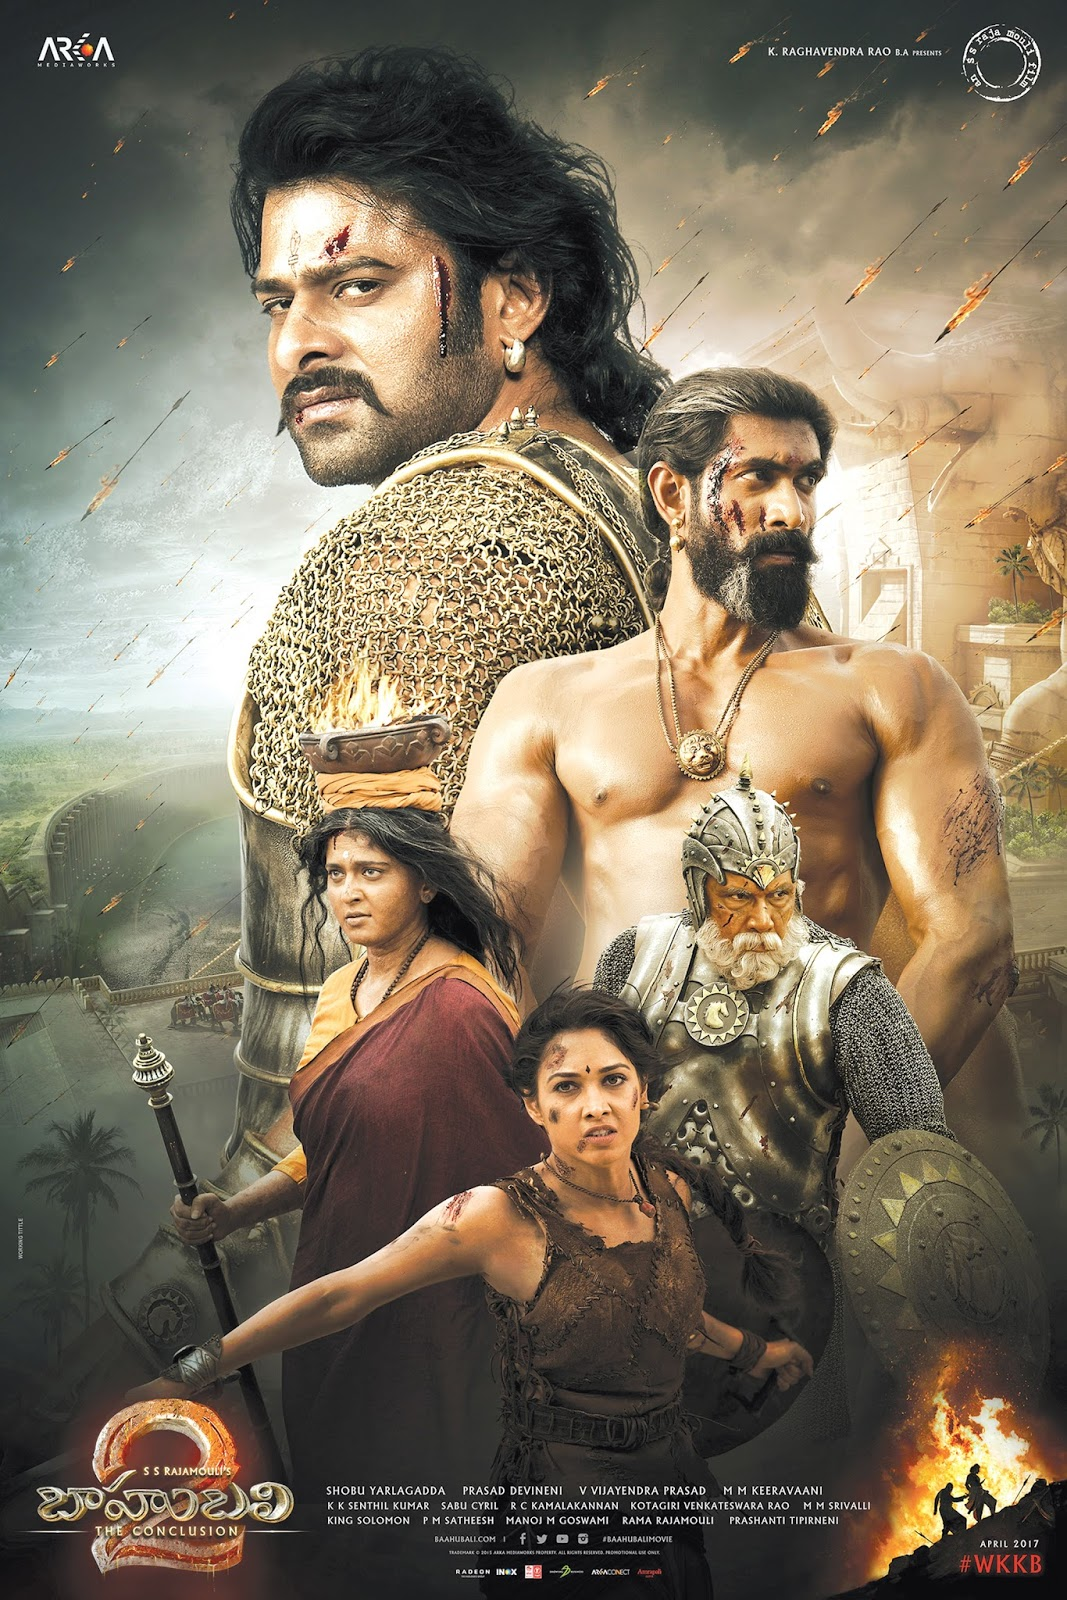 Baahubali 2 Full Movie